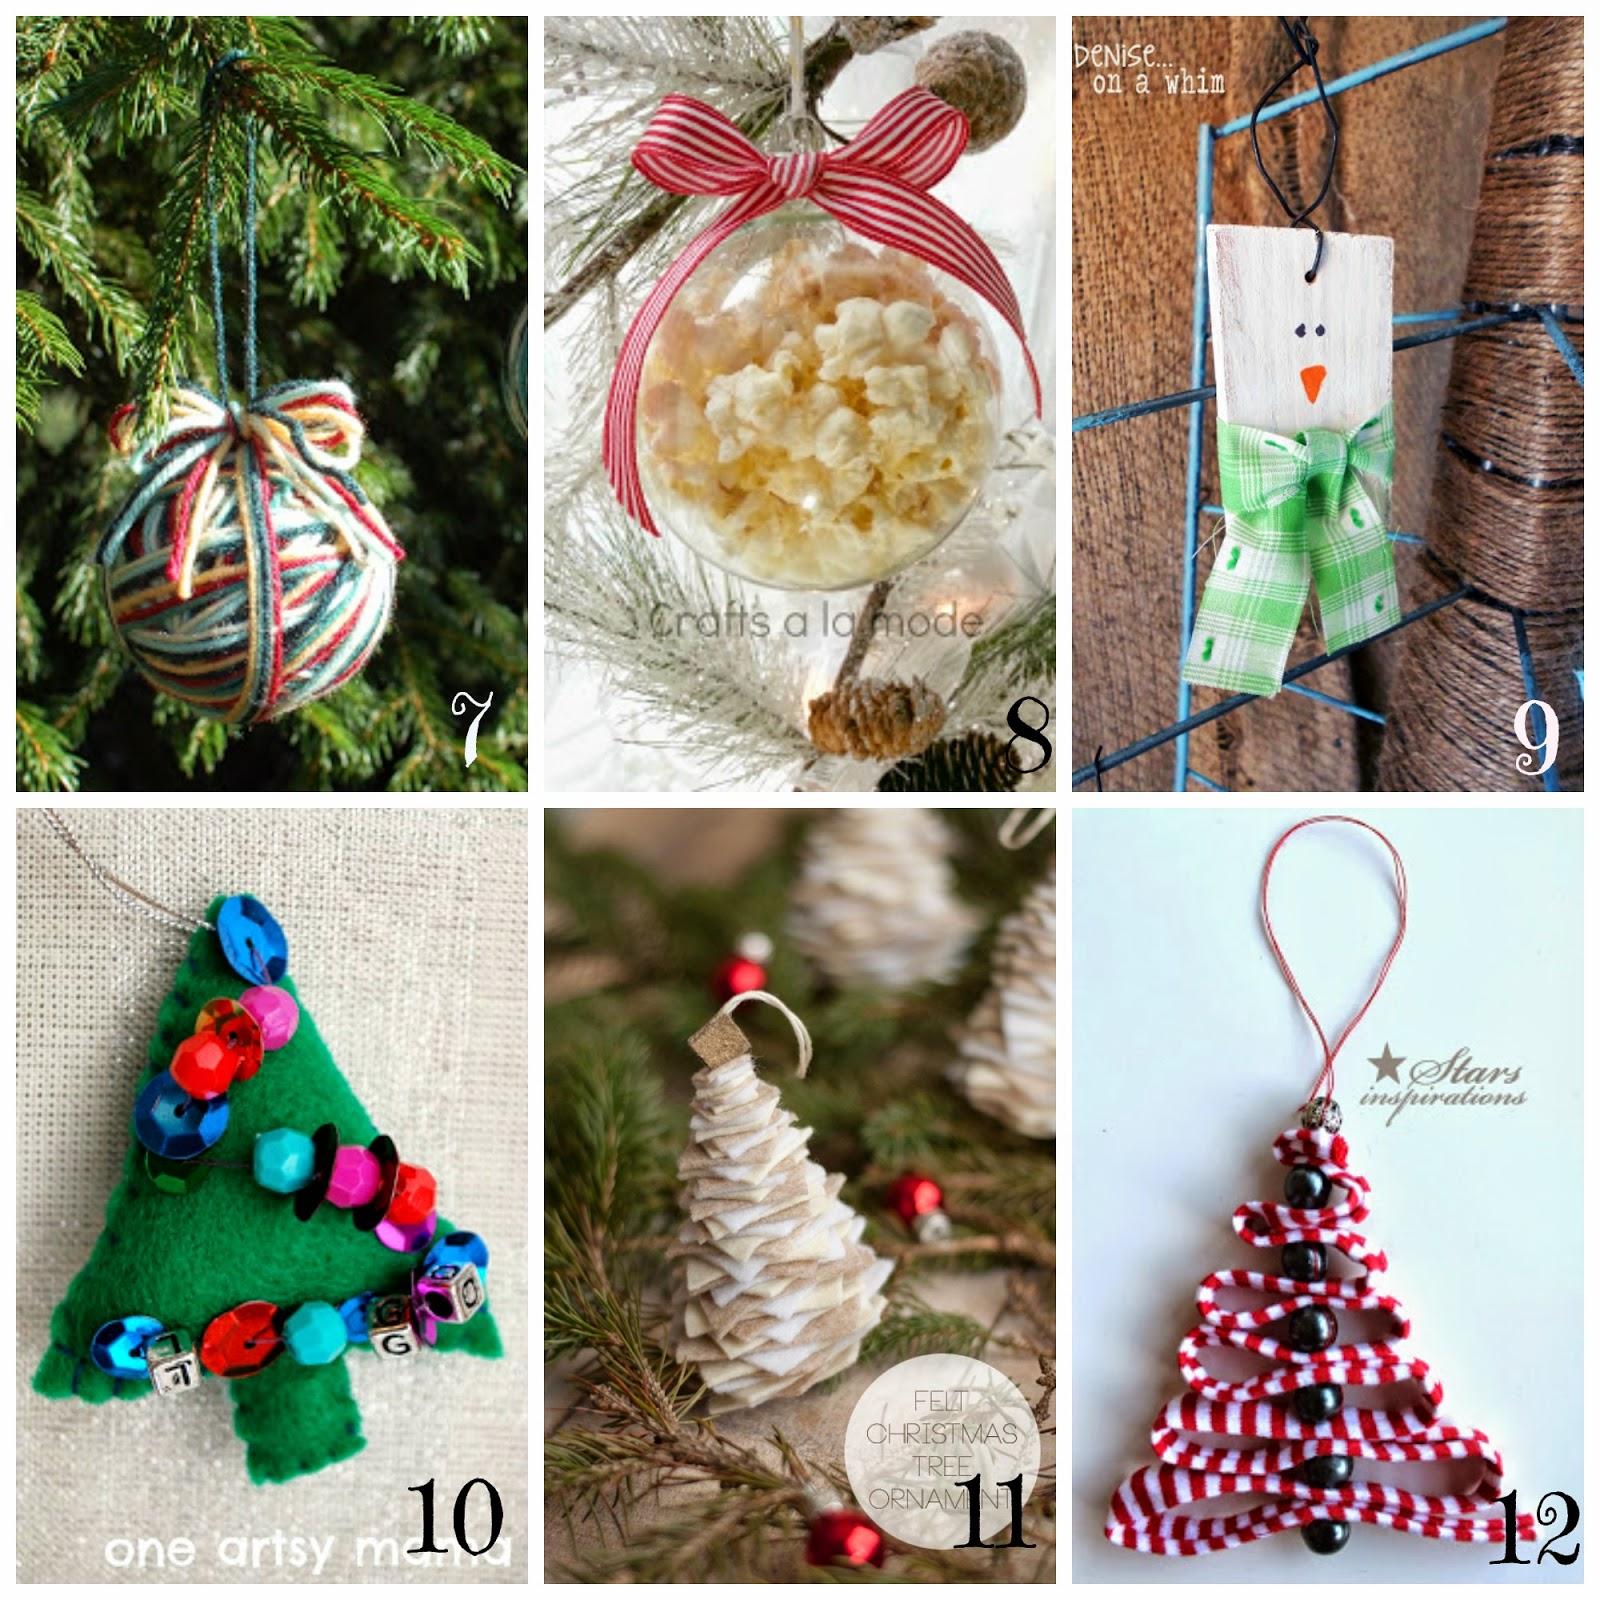 Amato Decorazioni per l'albero di Natale fai da te- 12 tutorial semplici  KA74